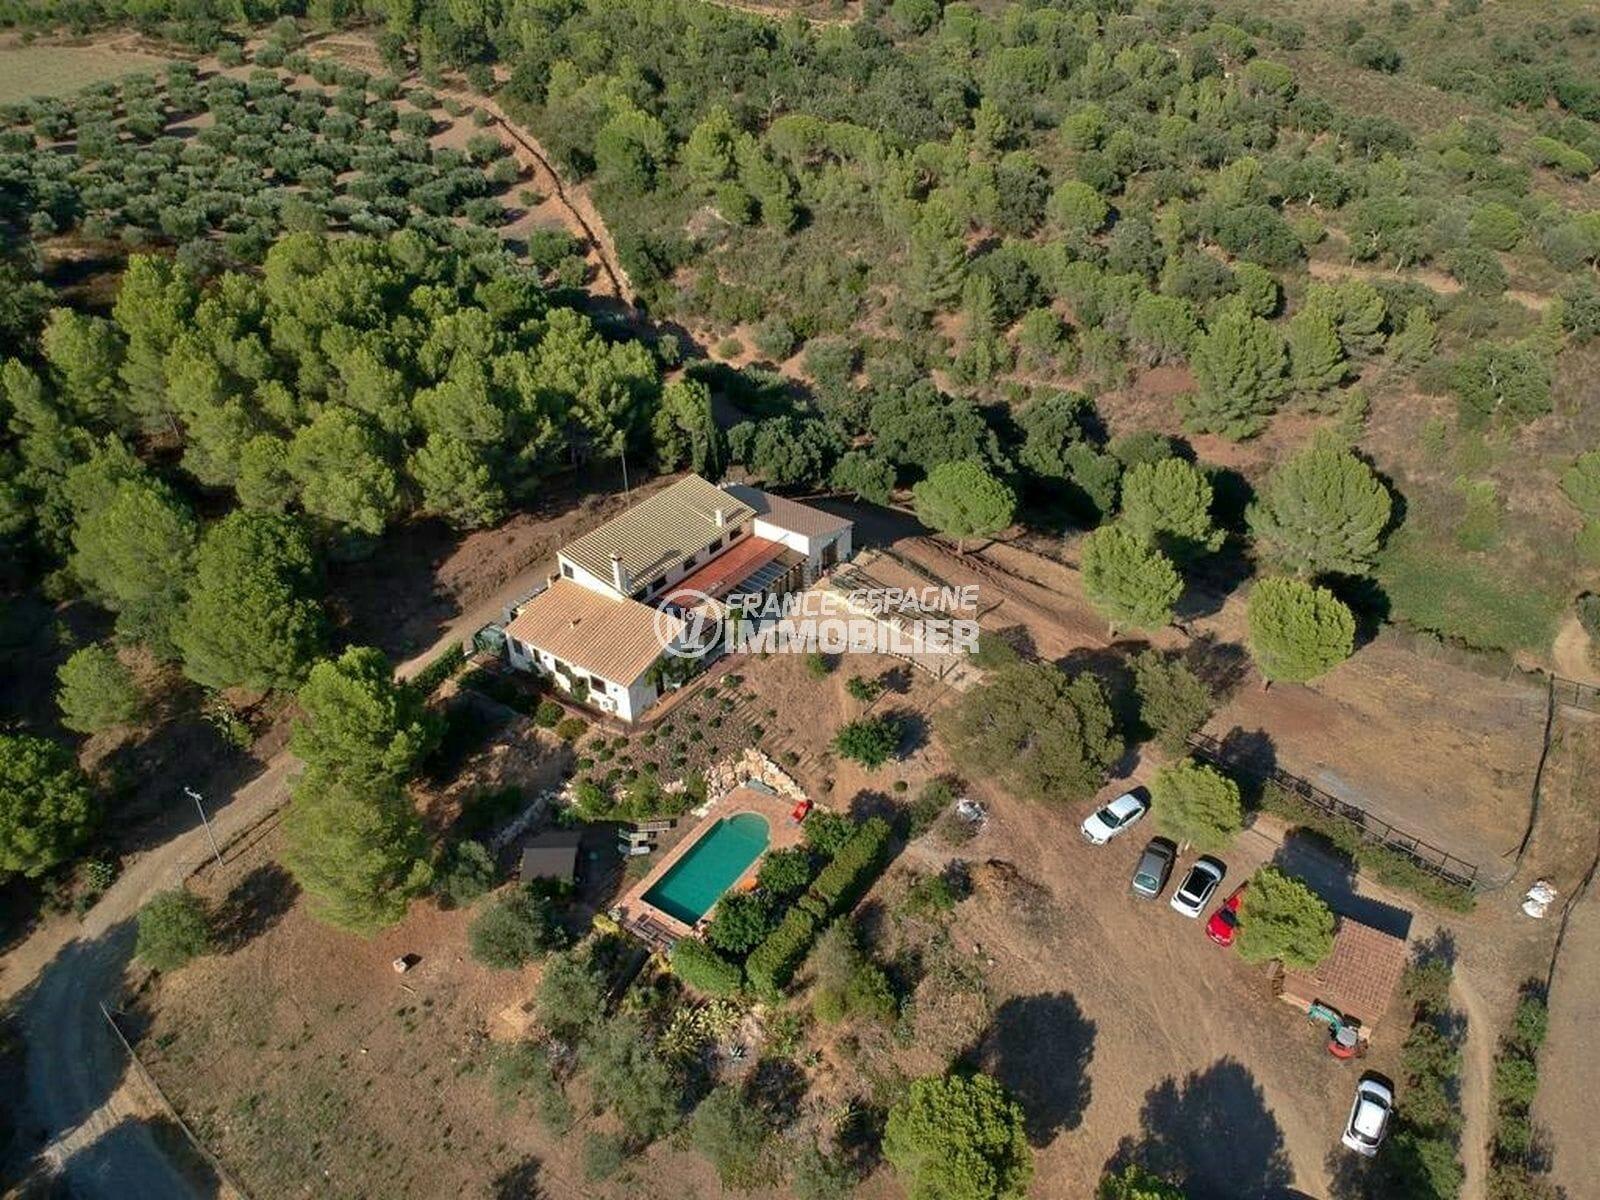 maison a vendre espagne, proche roses, villa 280 m² sur terrain 5678 m² beau mas tout équipé pour chevaux, piscine